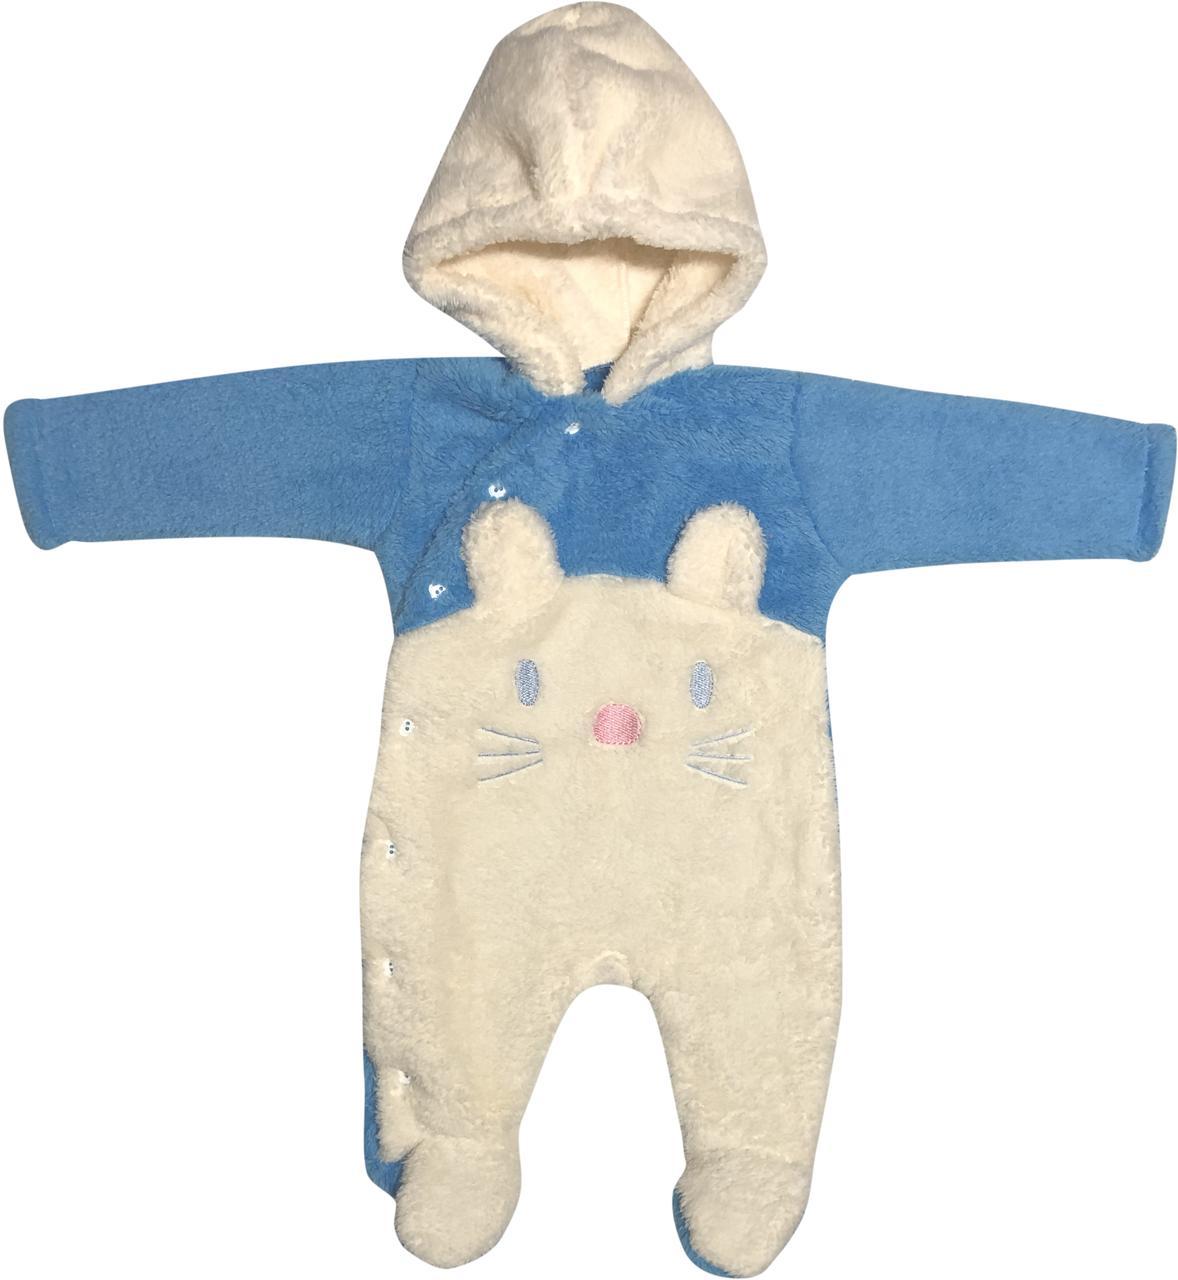 Детский тёплый человечек рост 62 2-3 мес махровый голубой на мальчика слип с капюшоном для новорожденных малышей Я775